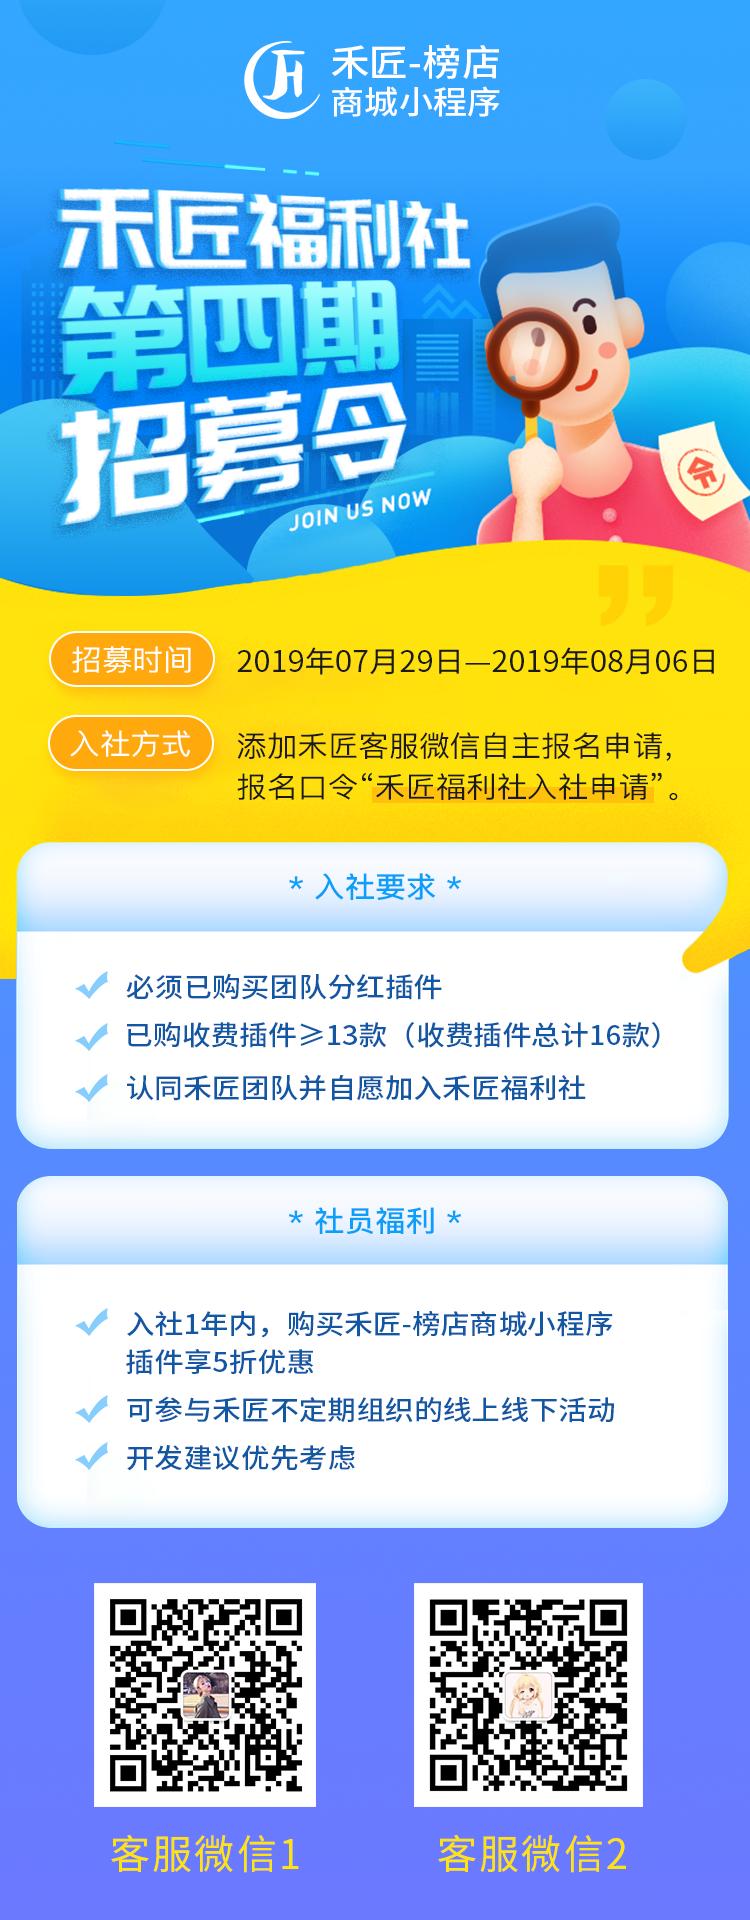 福利社4期(5).png